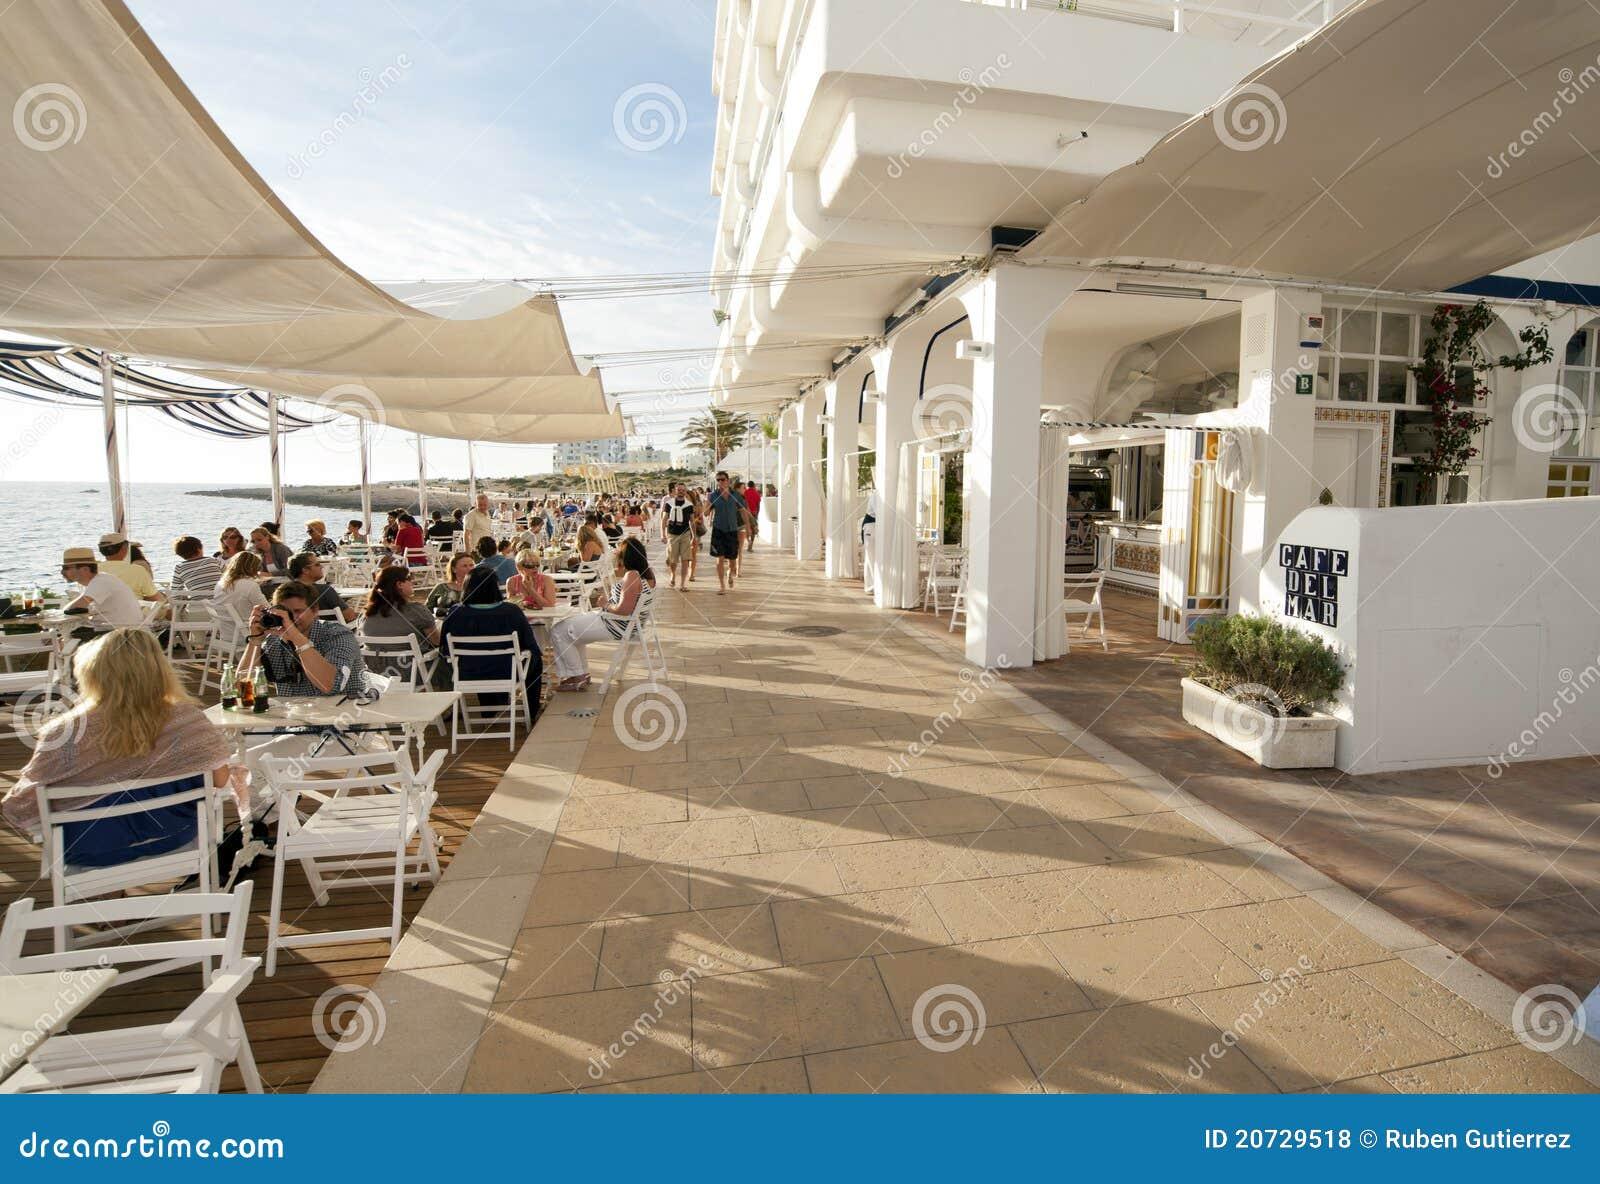 Ibiza Cafe Bar Terrace